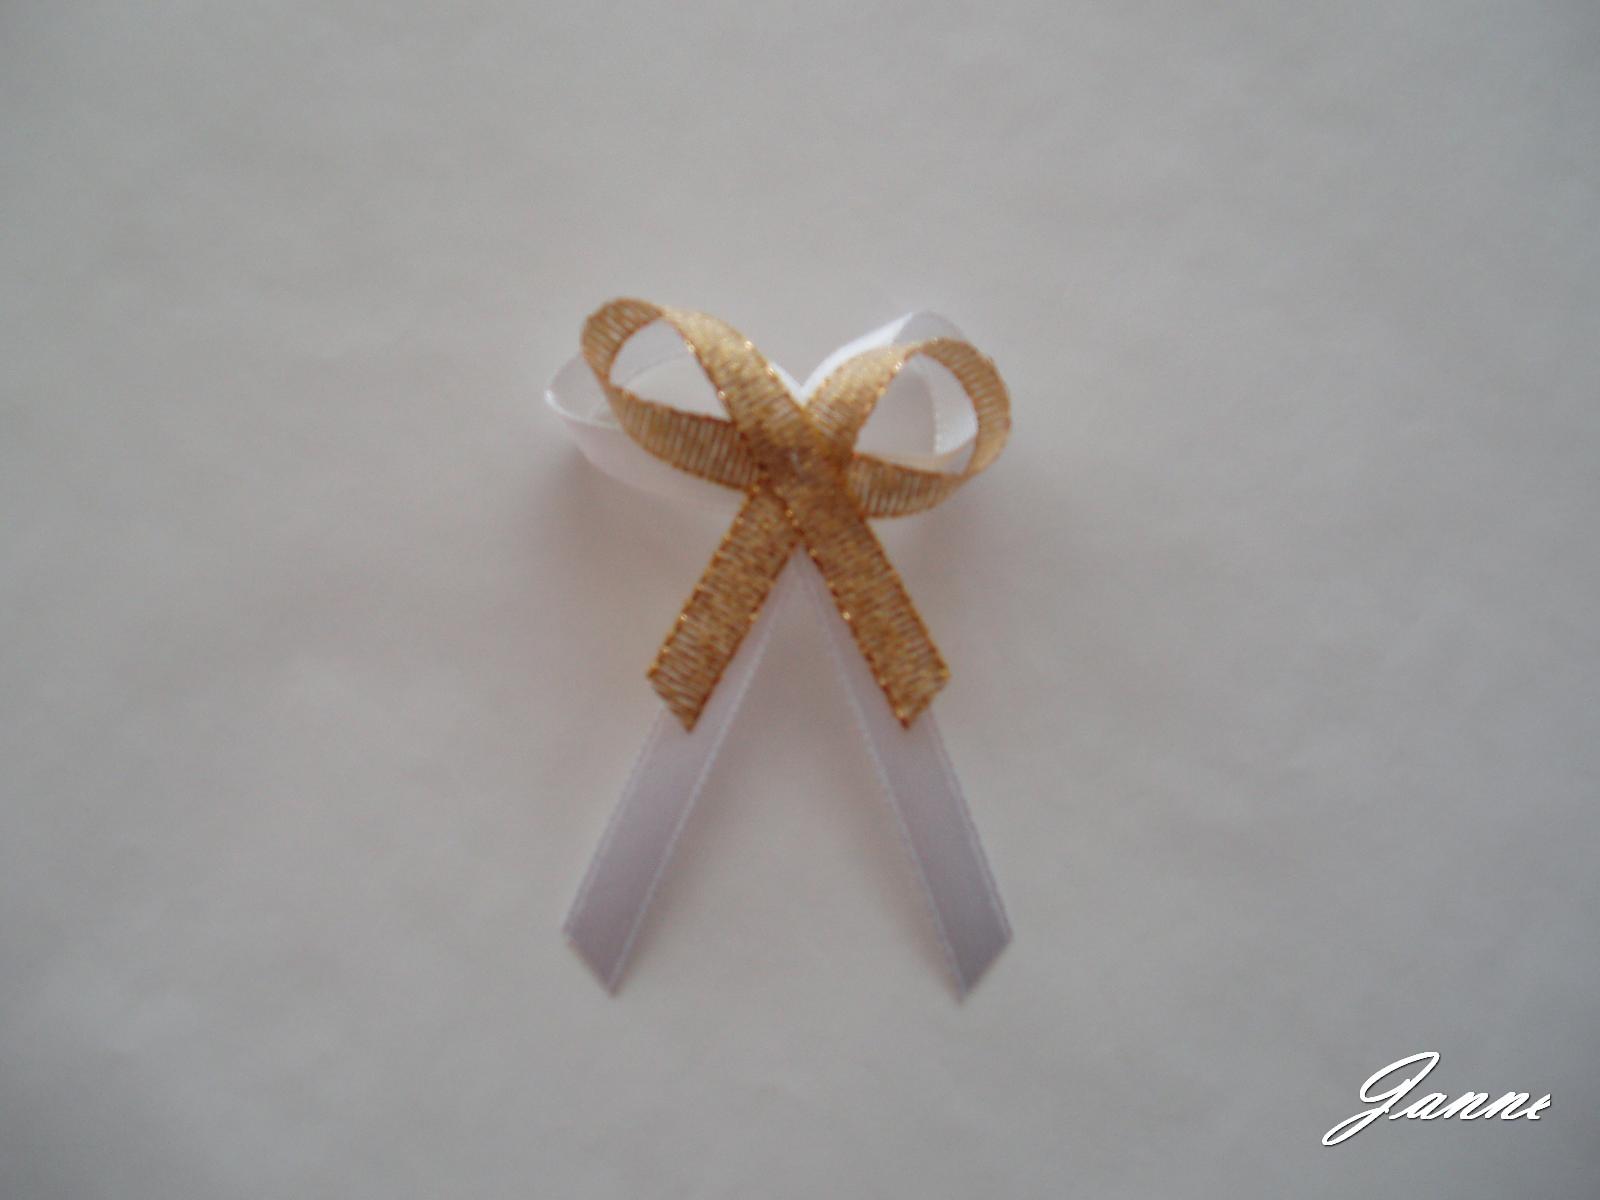 vývazek-zlatý,malá mašlička - Obrázek č. 1